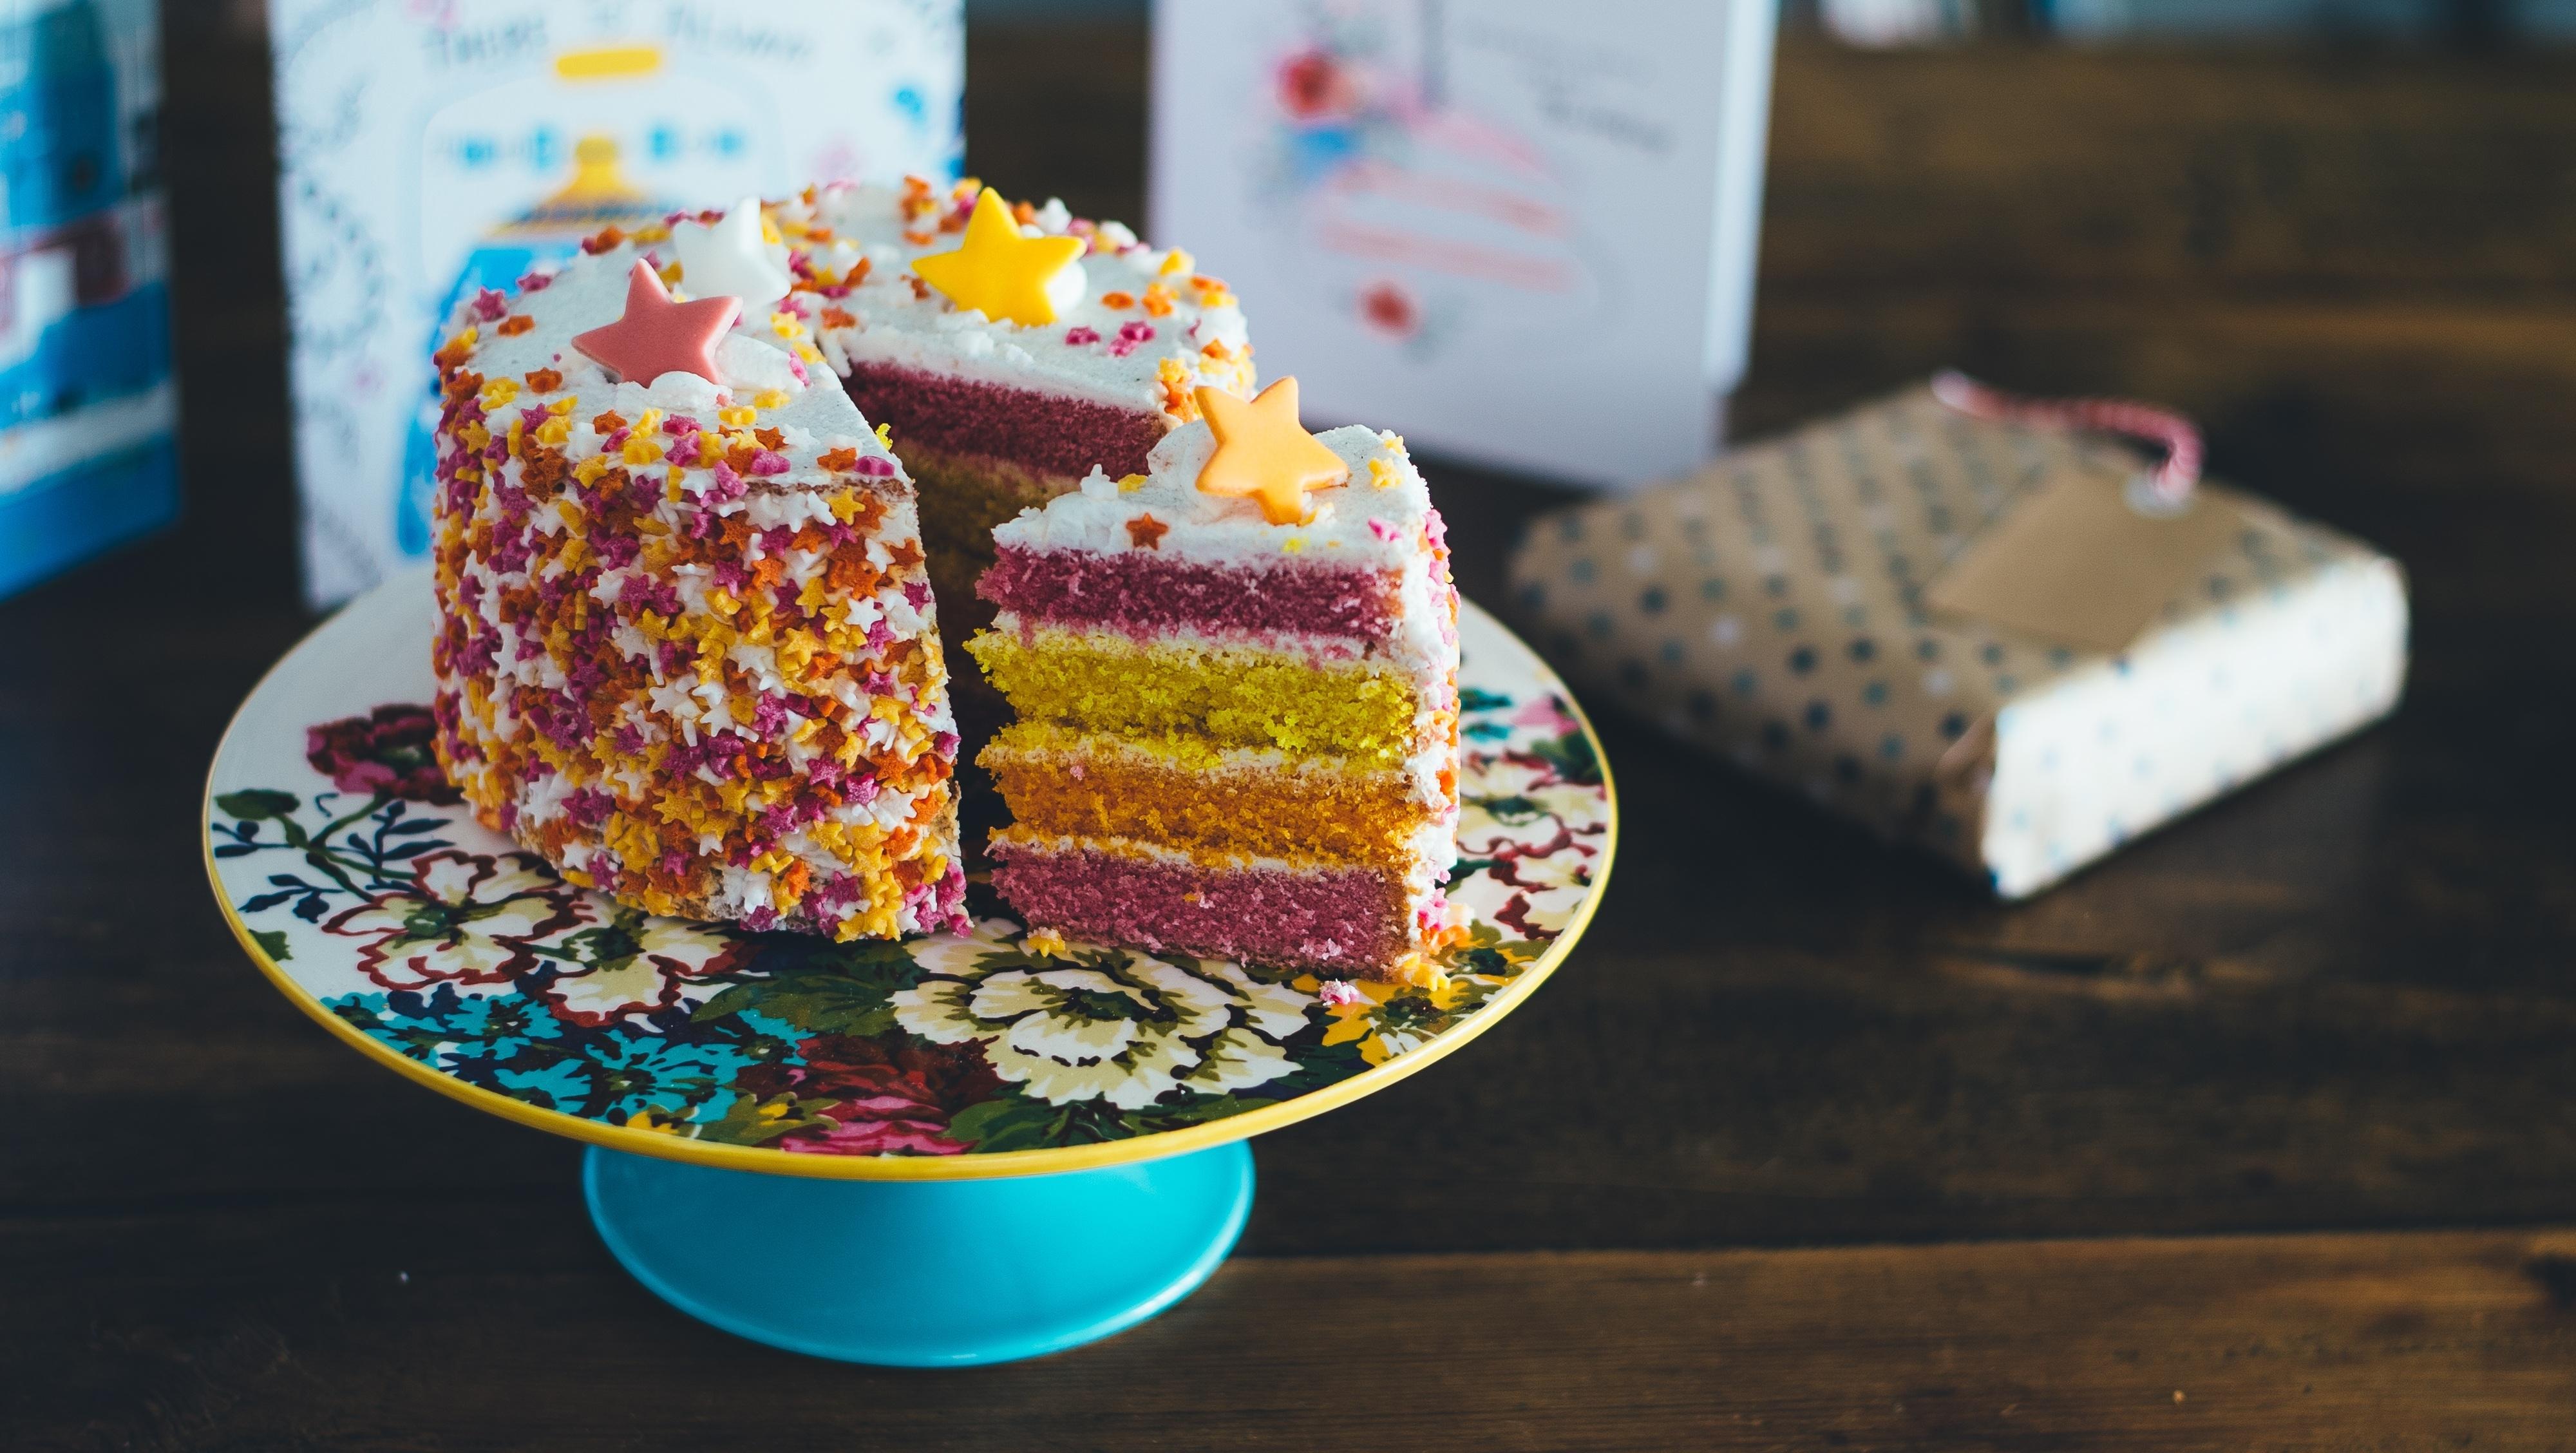 Картинка: Торт, сладкий, кусок, тортница, звёздочки